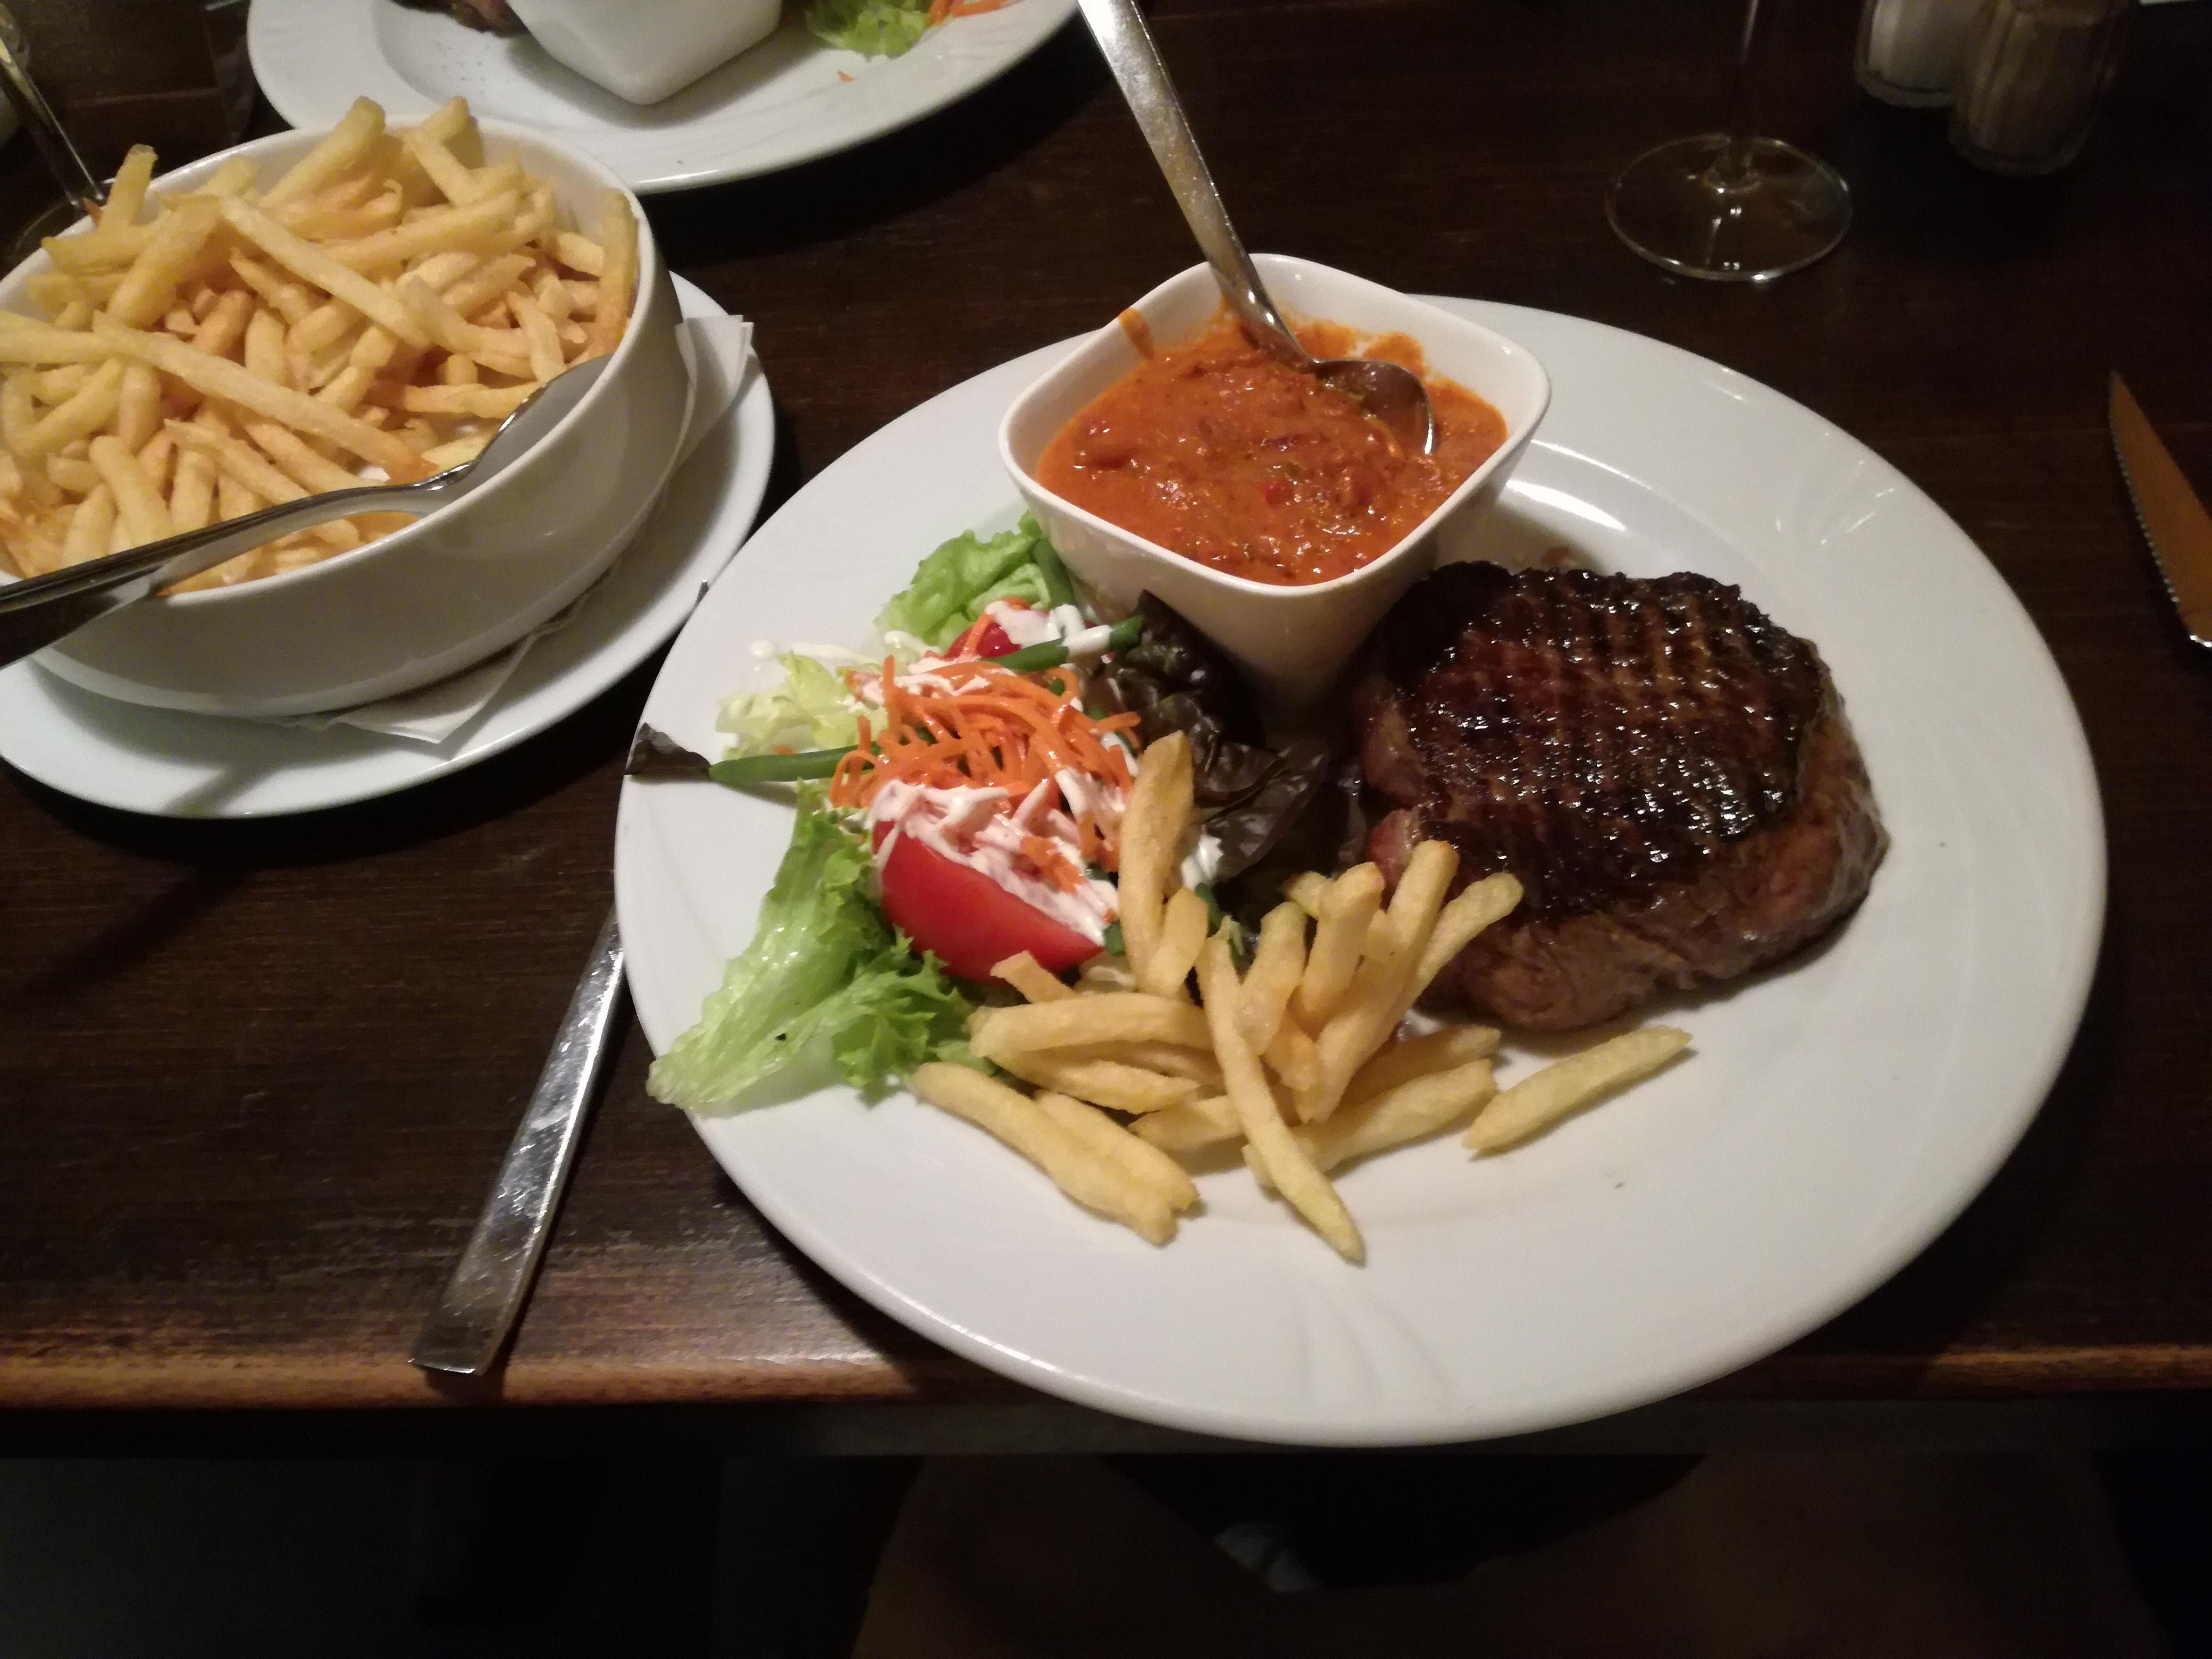 de beste steak van belgië de nachtuil